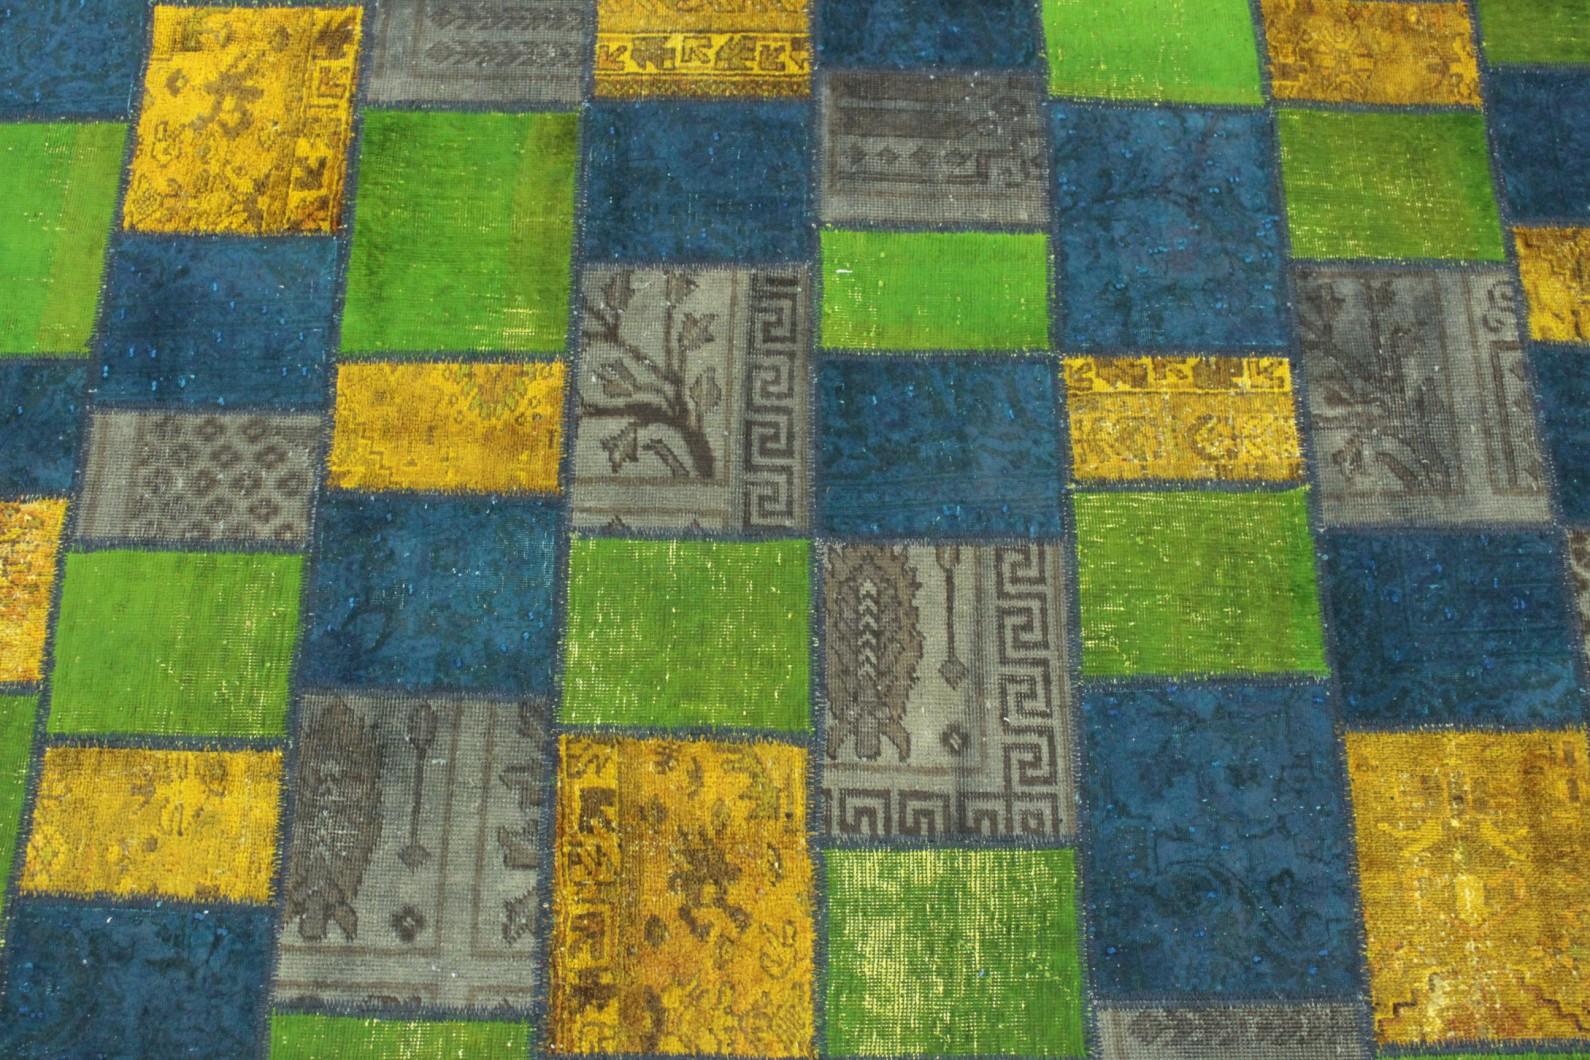 patchwork teppich gr n gelb blau in 200x150 1001 167077 bei kaufen. Black Bedroom Furniture Sets. Home Design Ideas